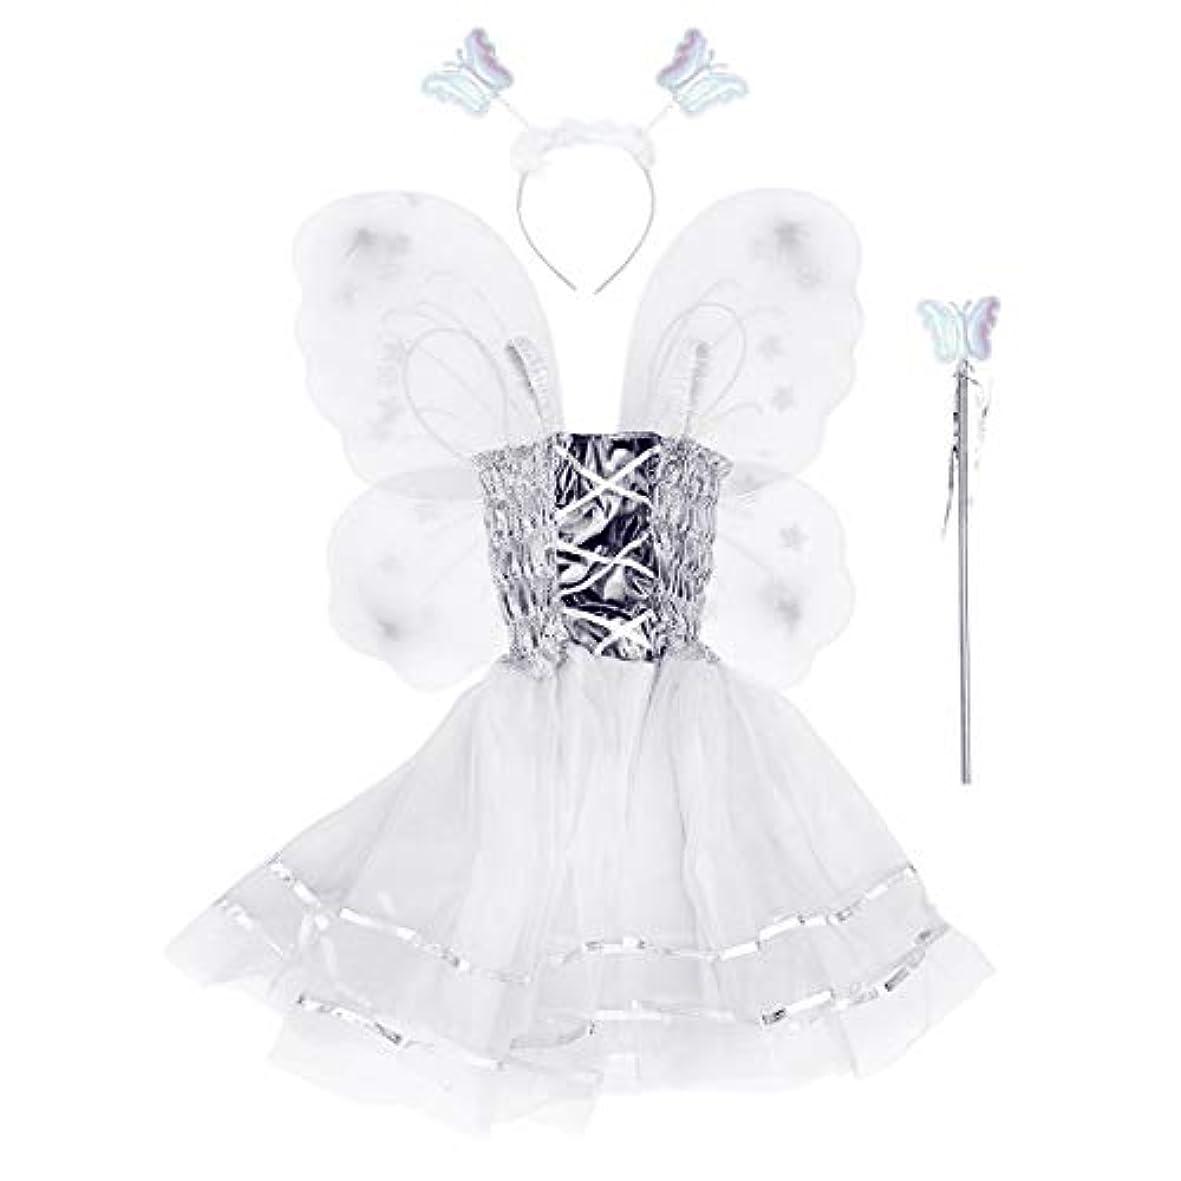 酸化するボルトドラゴンBESTOYARD 4本の女の子バタフライプリンセス妖精のコスチュームセット蝶の羽、ワンド、ヘッドバンドとツツードレス(ホワイト)